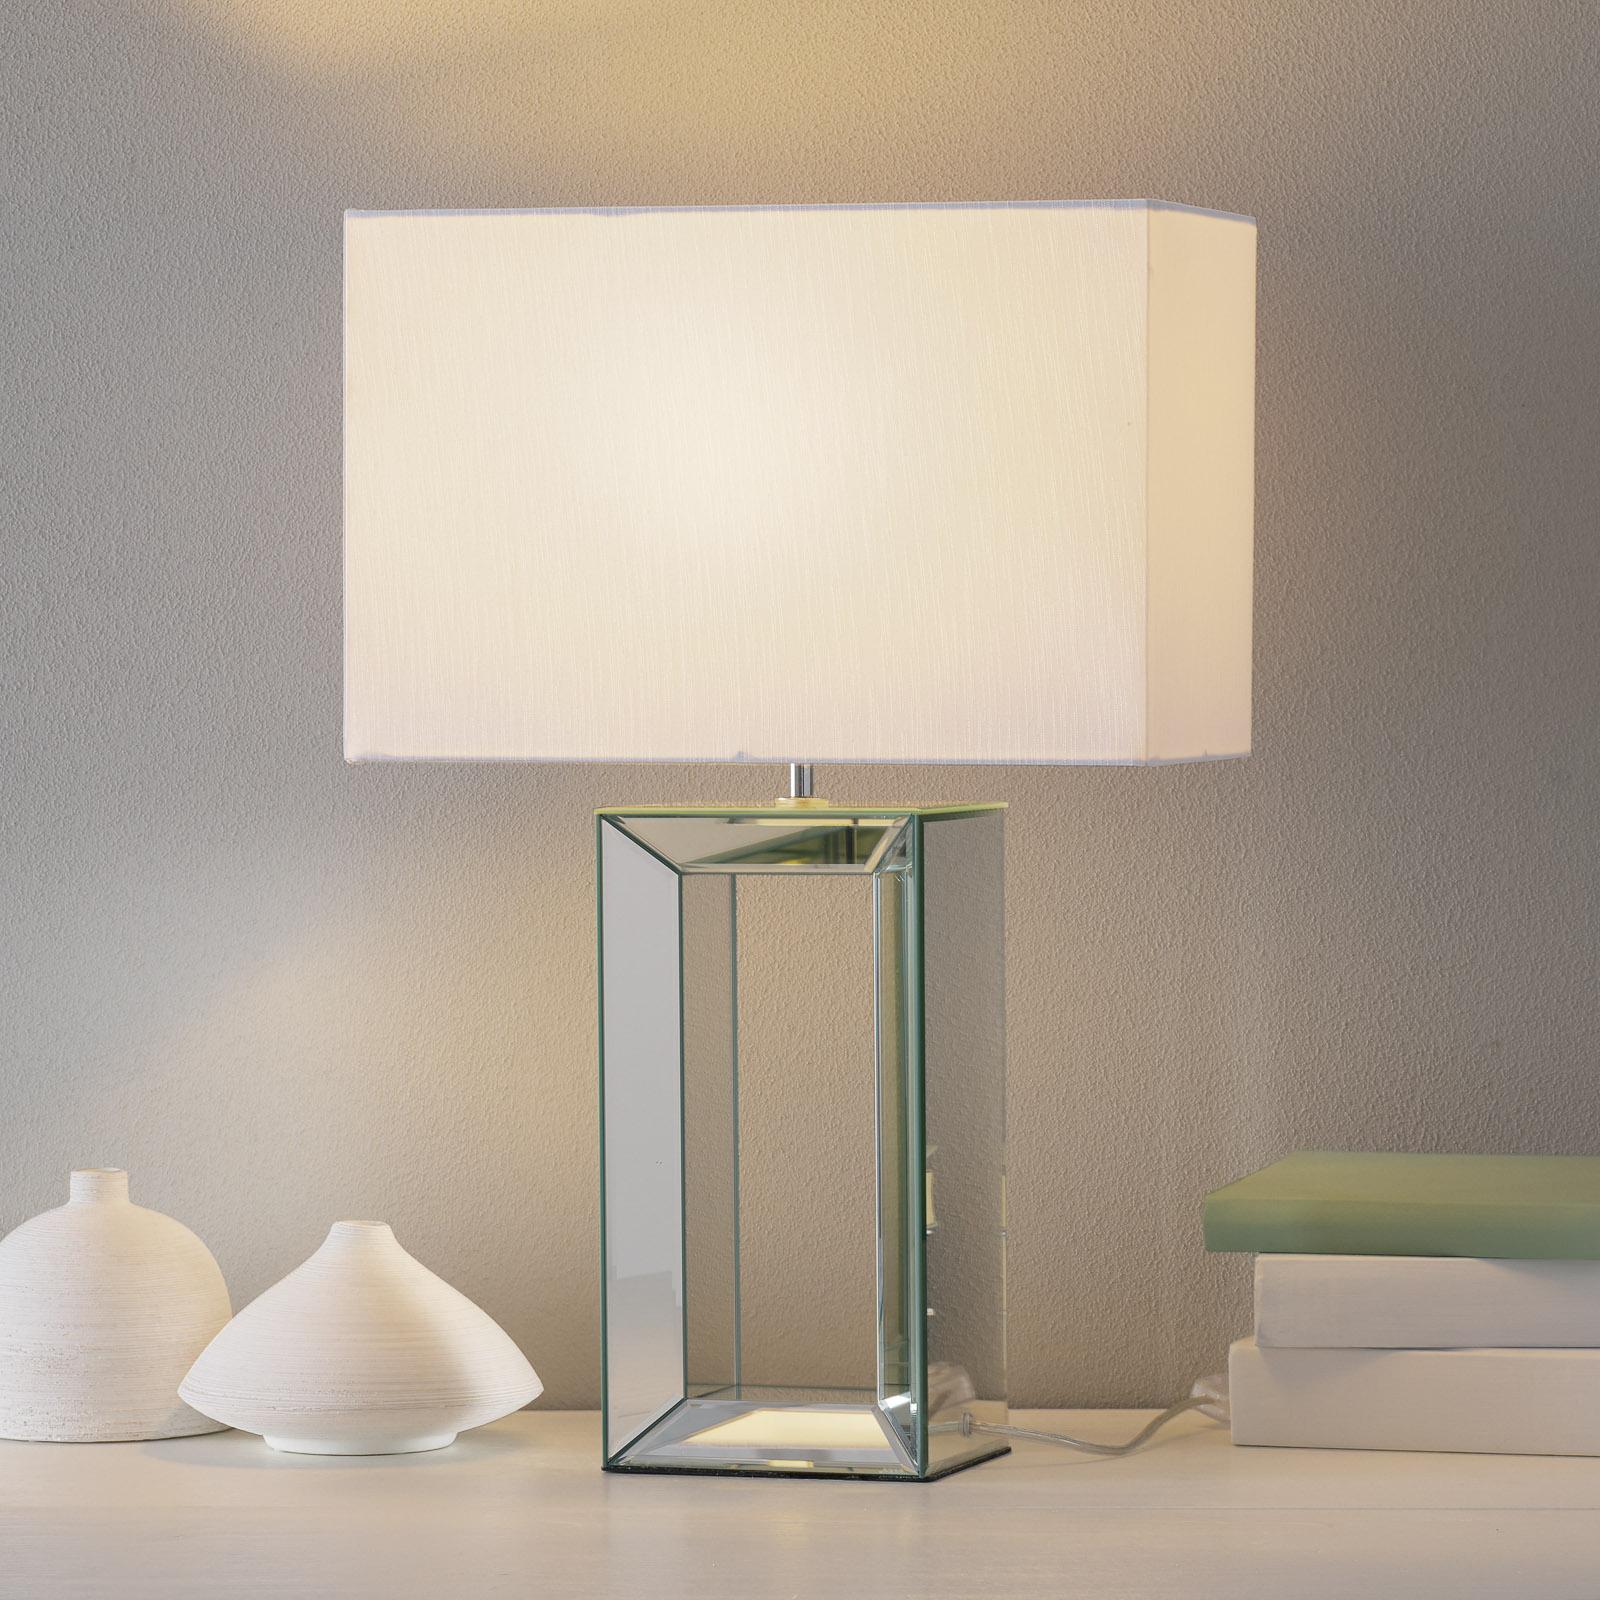 Tischleuchte Reflections 58 cm